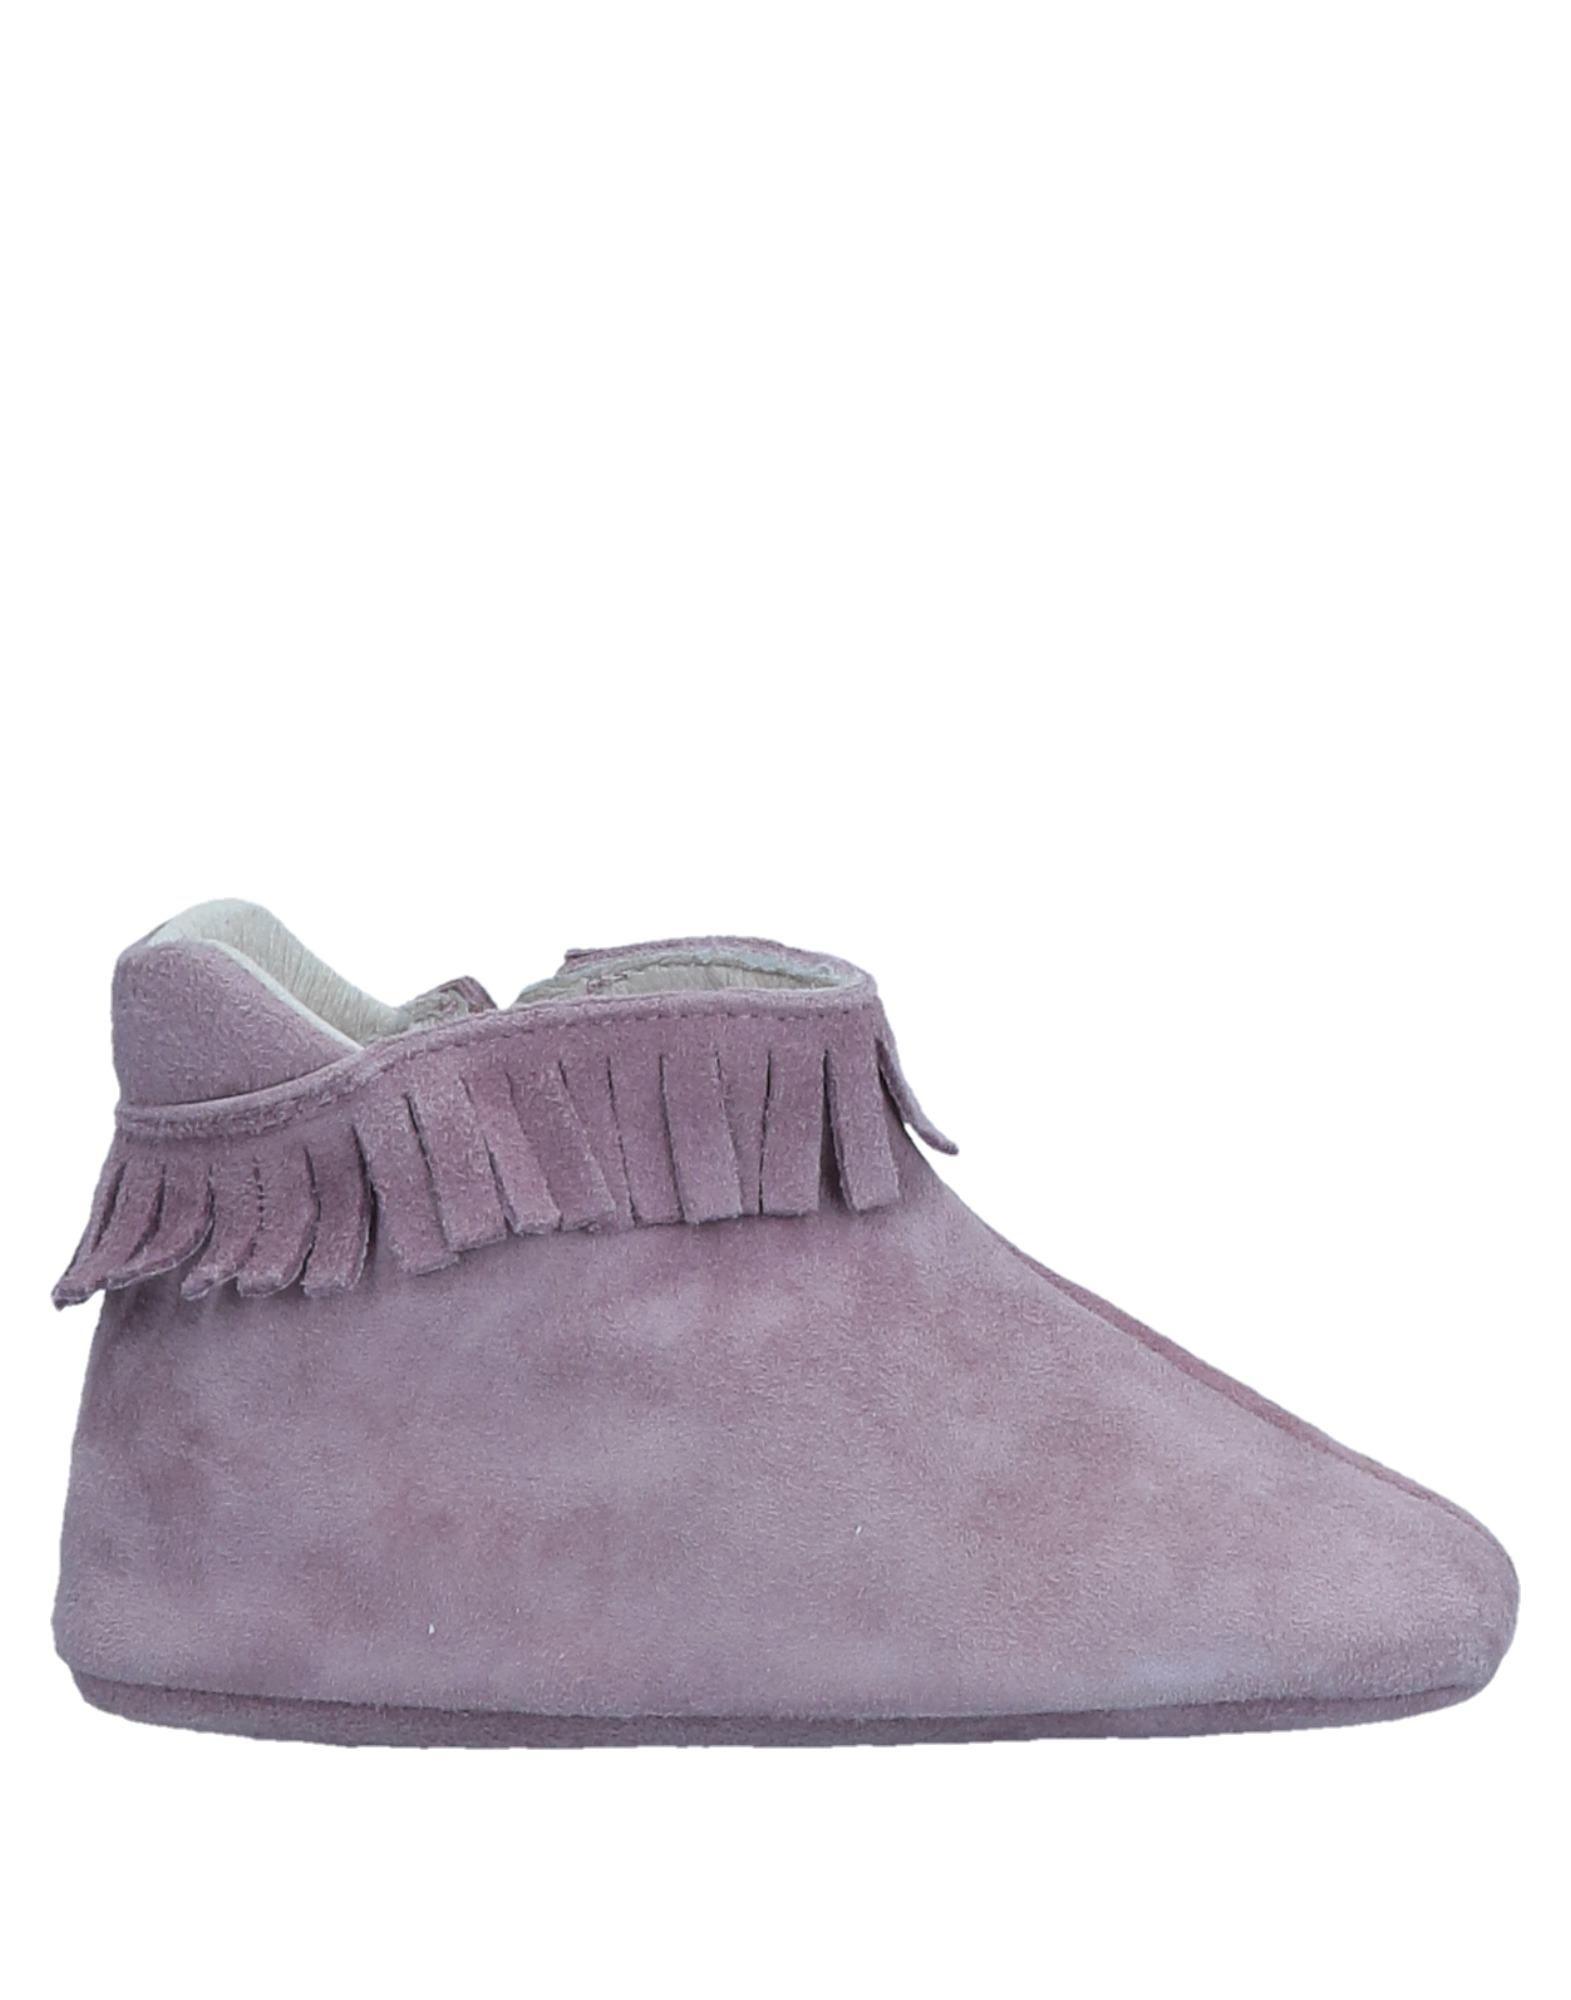 PÈPÈ Обувь для новорожденных обувь для детей